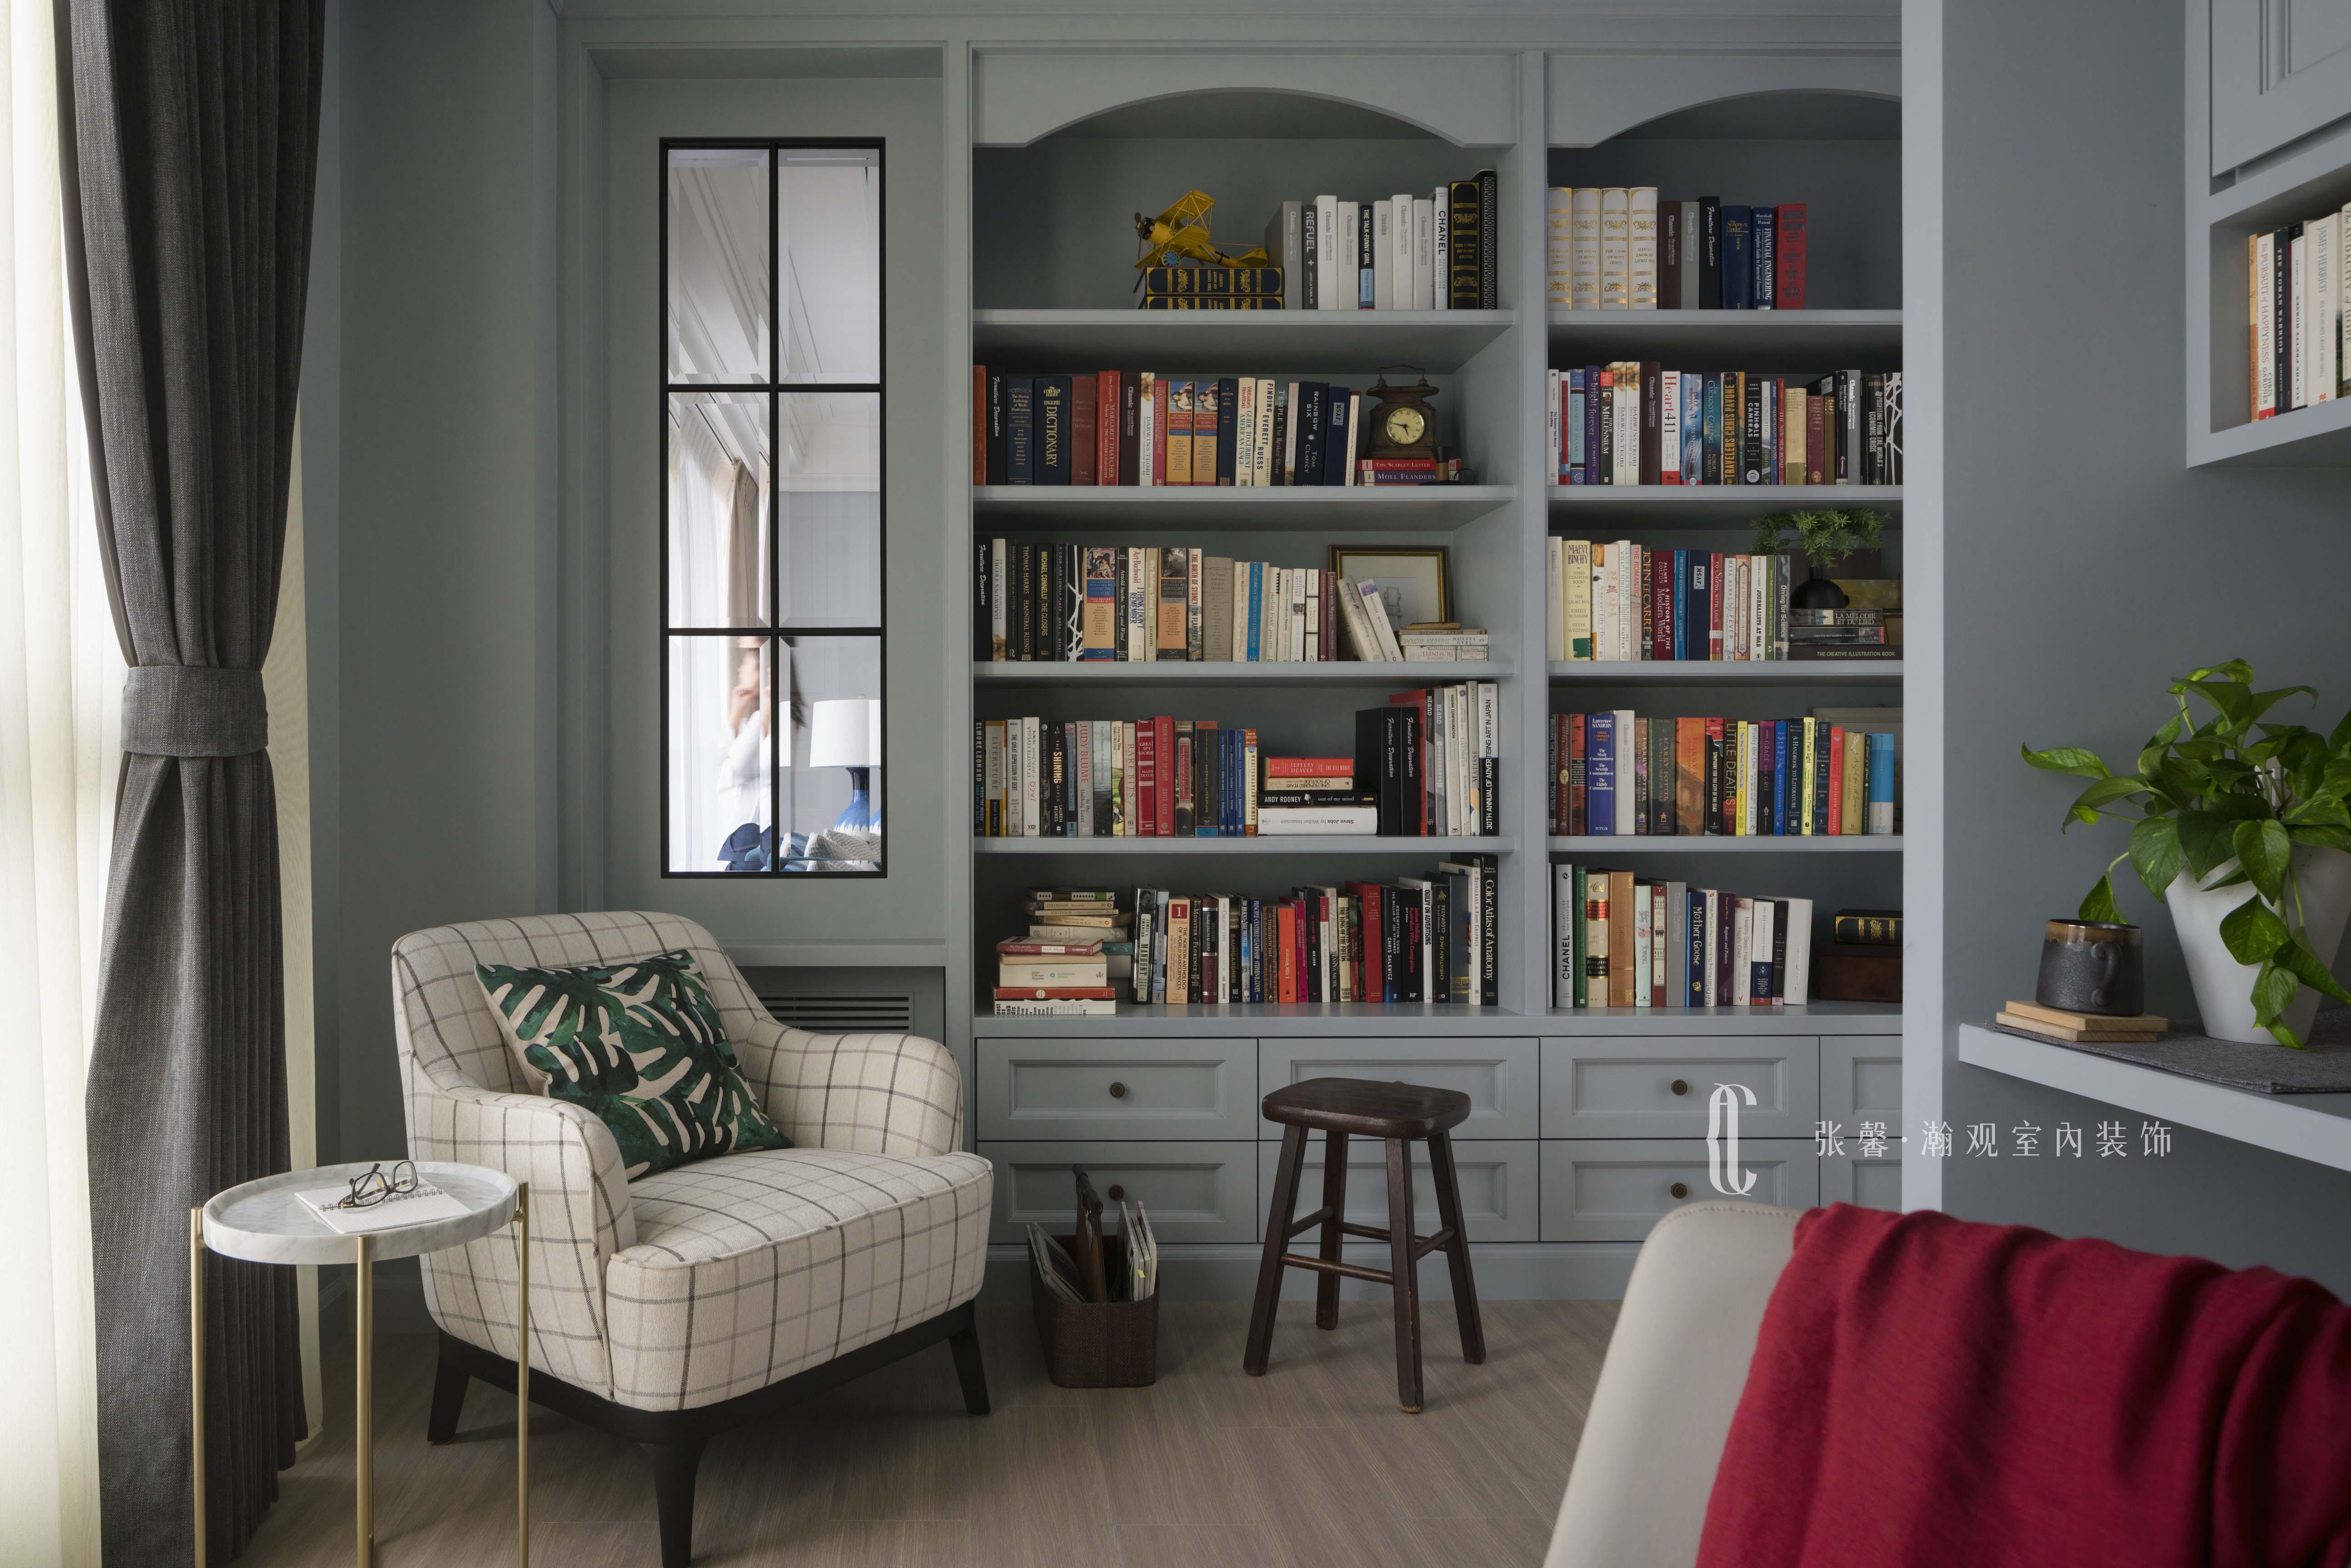 三居 张馨 美式 书房 书房图片来自张馨_瀚观室内装饰在翱翔 水畔森林的分享